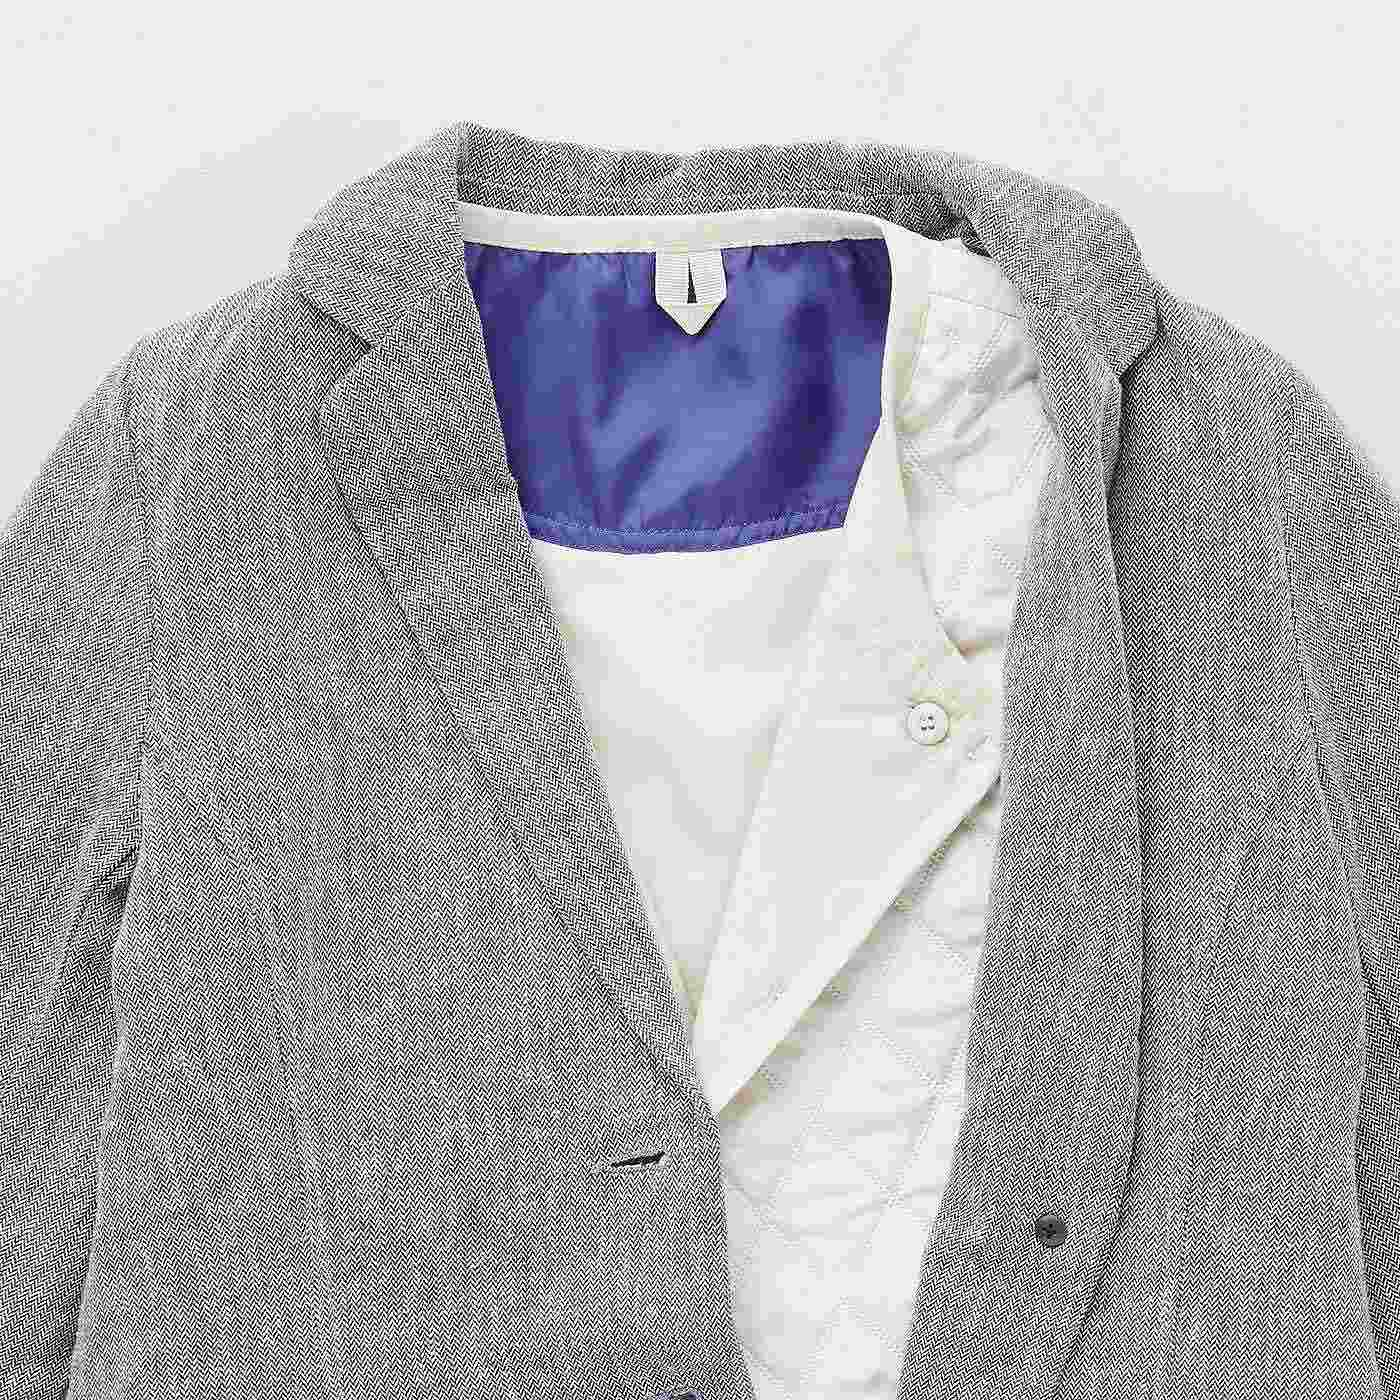 ボタンを留めてVネックにすると、ジャケットの衿を邪魔せずすっきり。